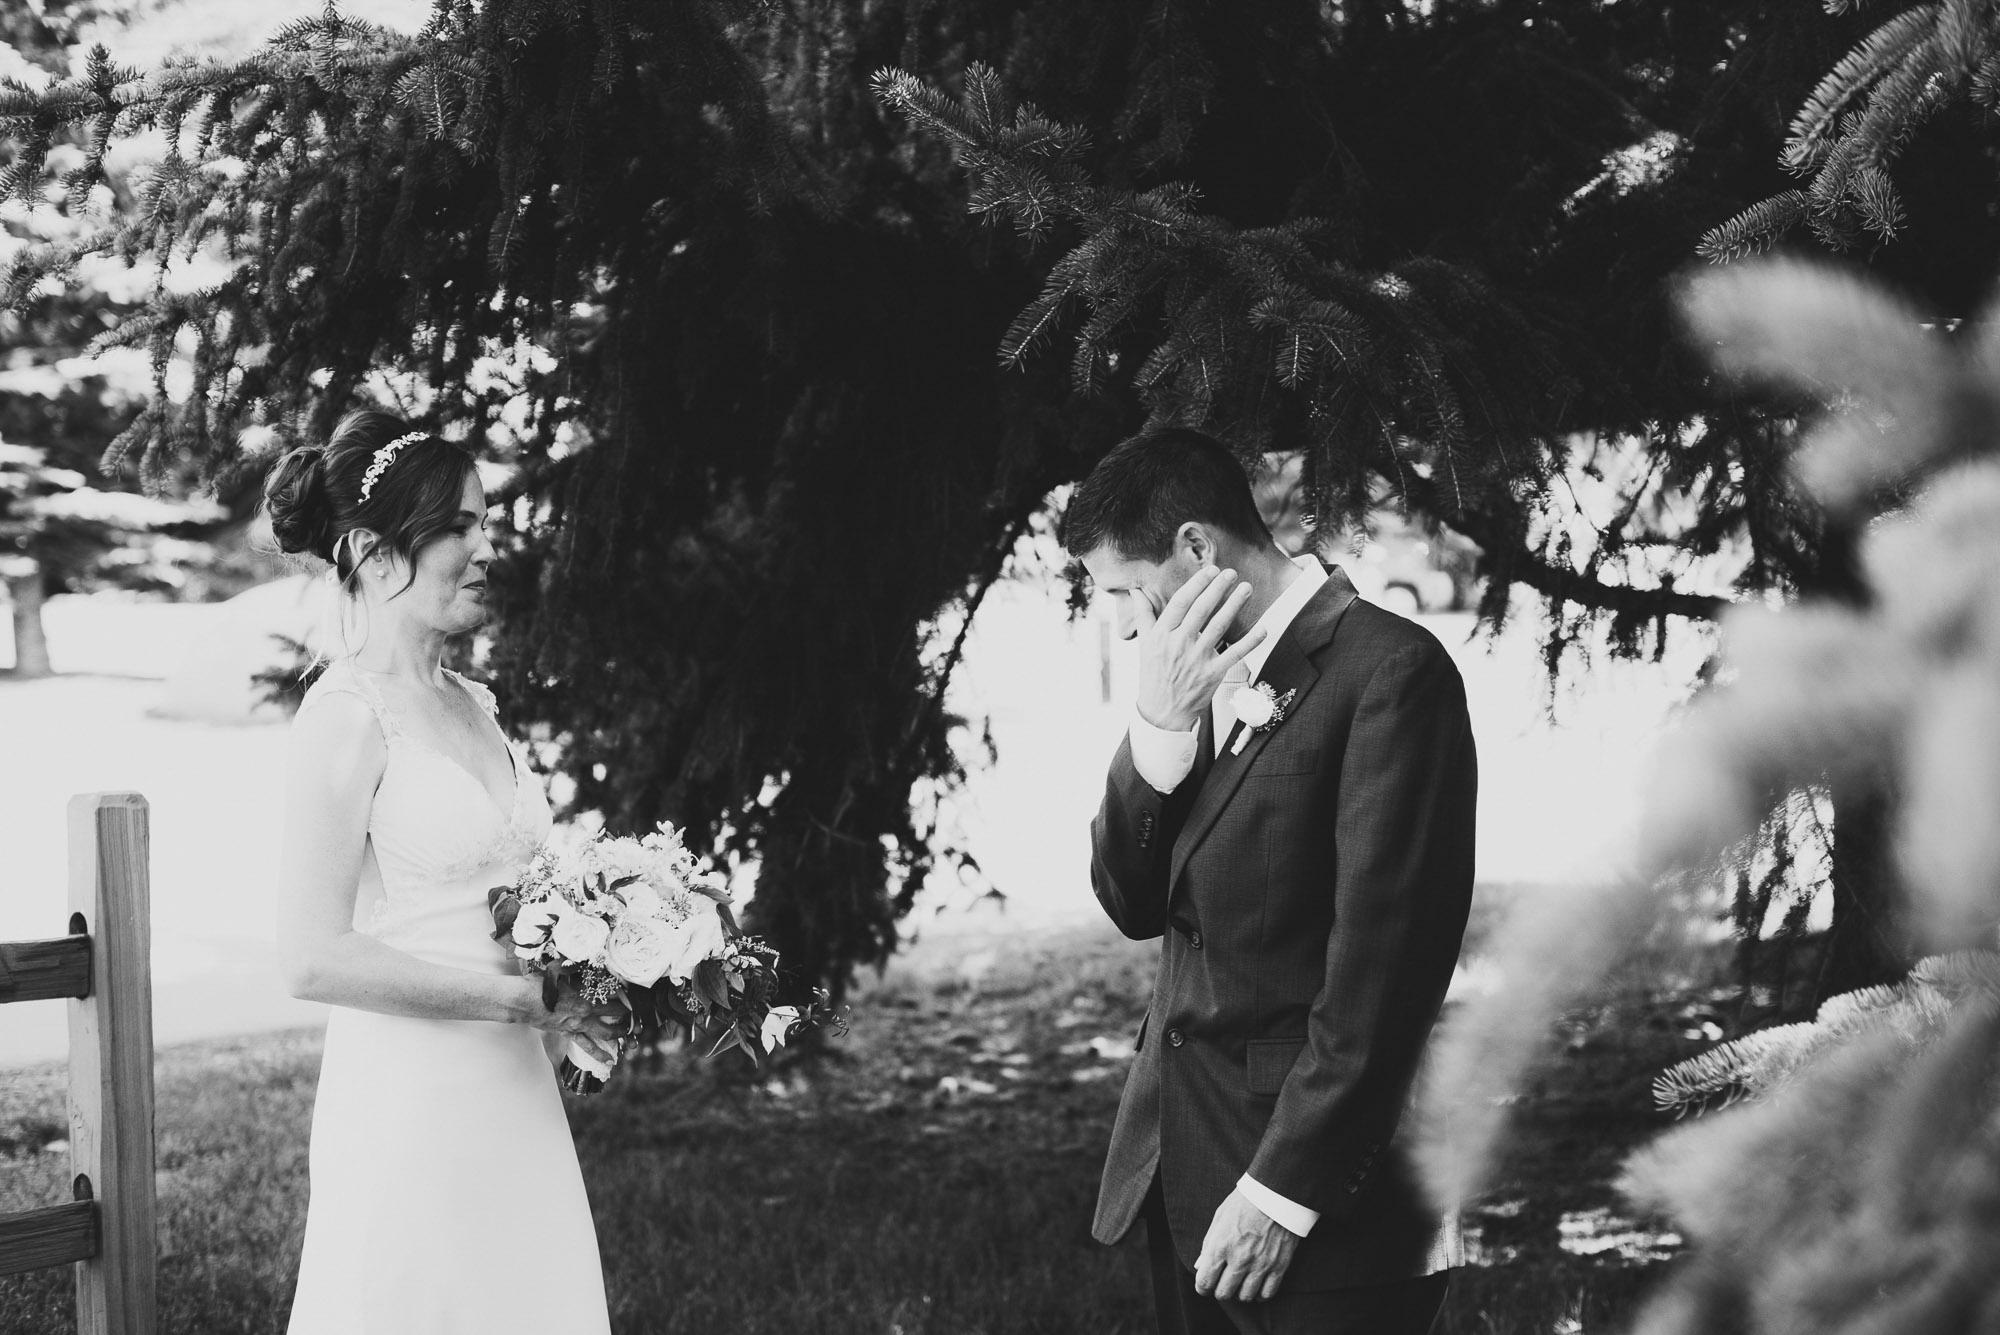 25elopement-photographer-colorado-colorado-mountain-wedding-photographer-romantic-wedding-pictures_004.jpg